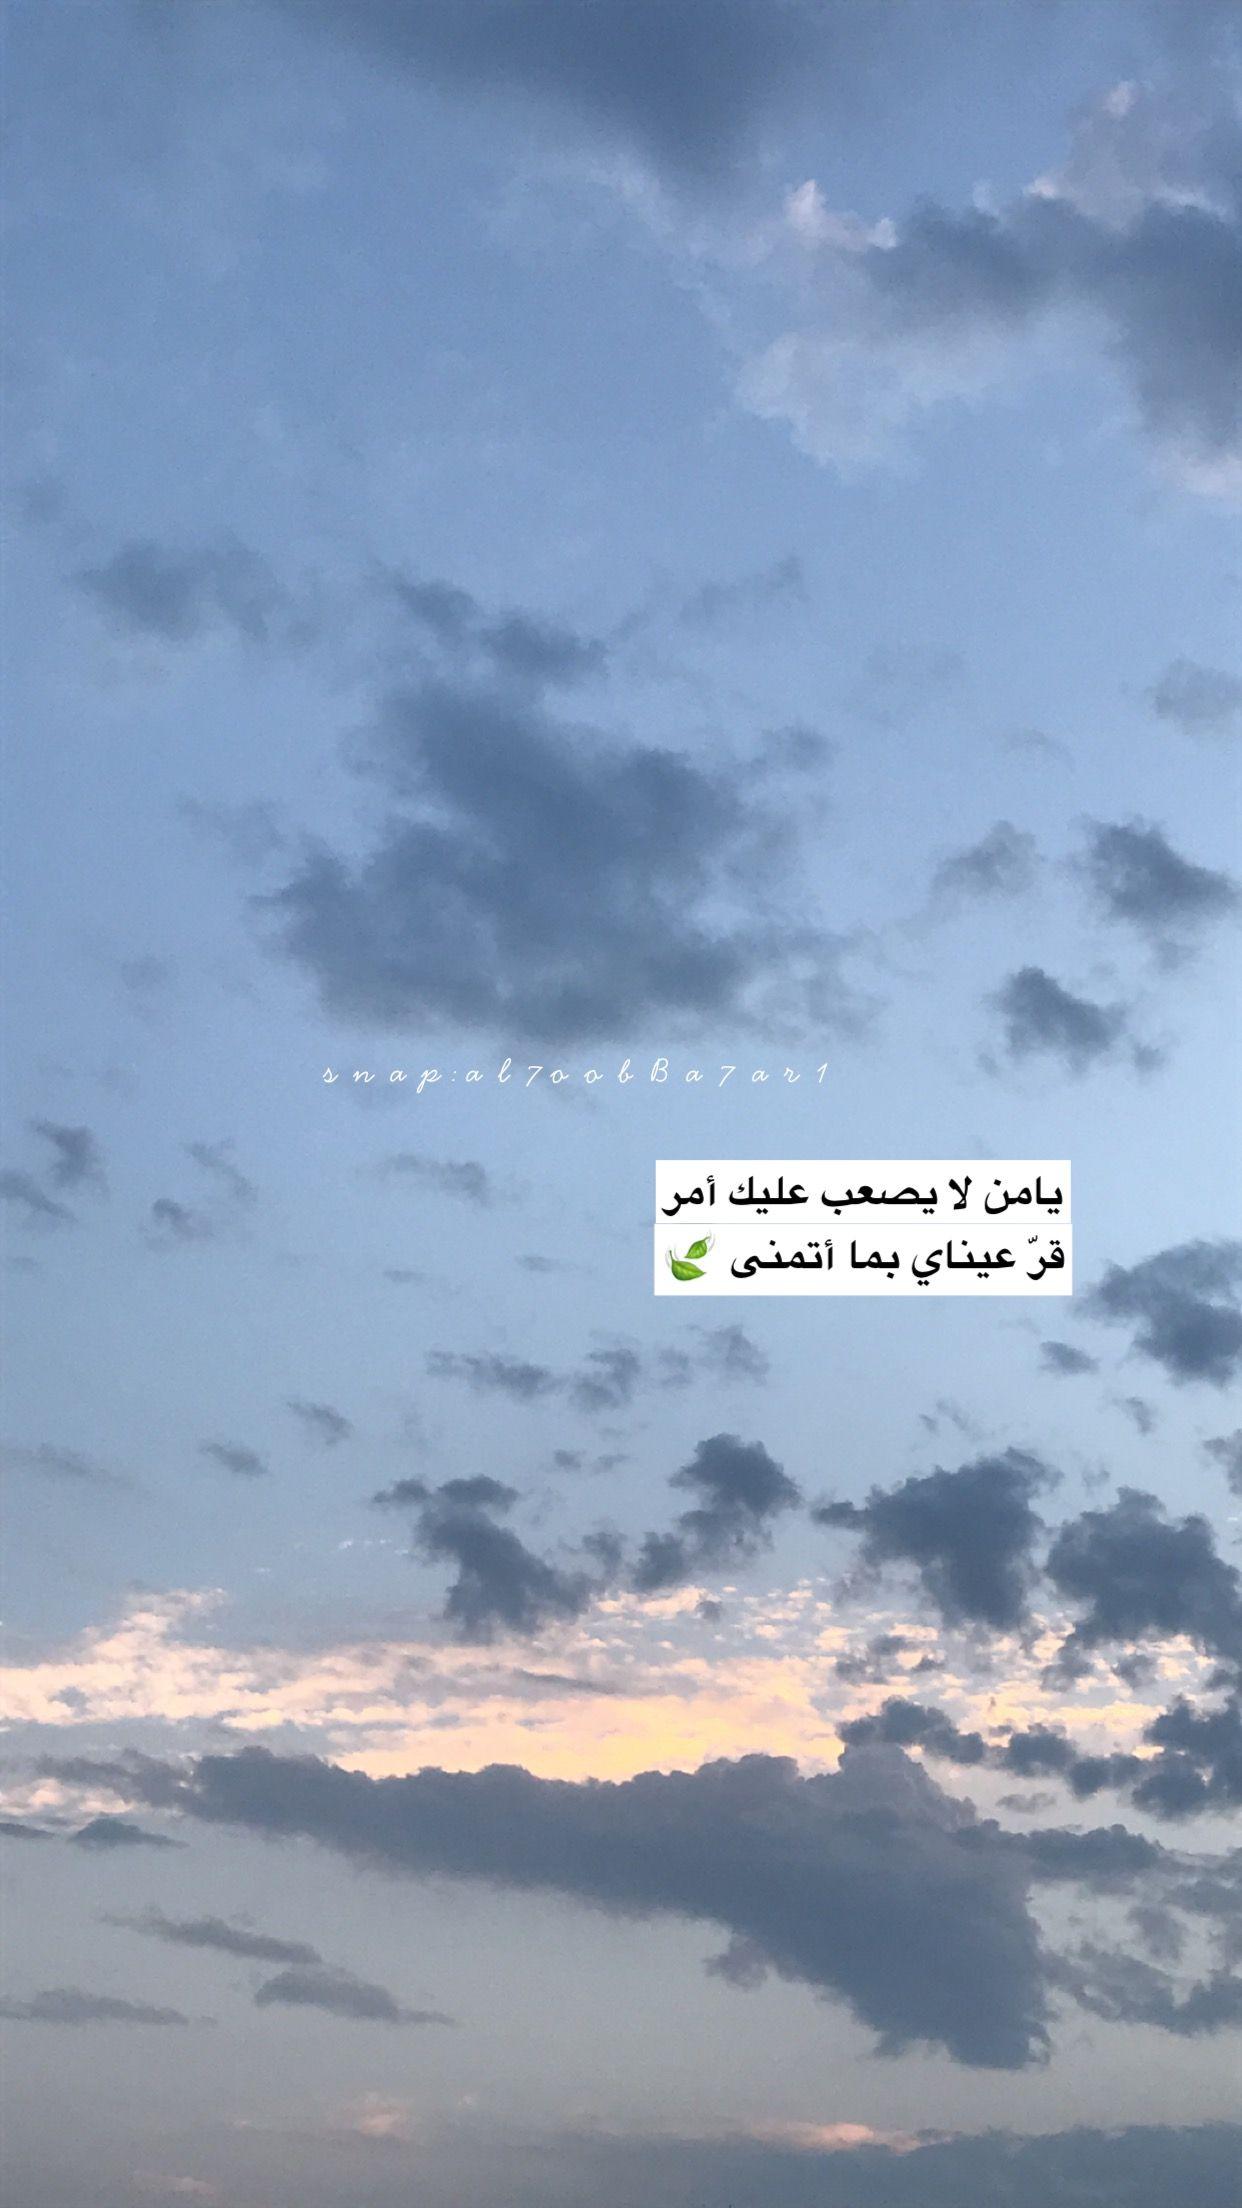 يامن لا يصعب عليك أمر قر عيناي بما أتمنى 24 نوفمبر تصويري تصويري سناب صب Beautiful Arabic Words Cover Photo Quotes Quran Quotes Inspirational